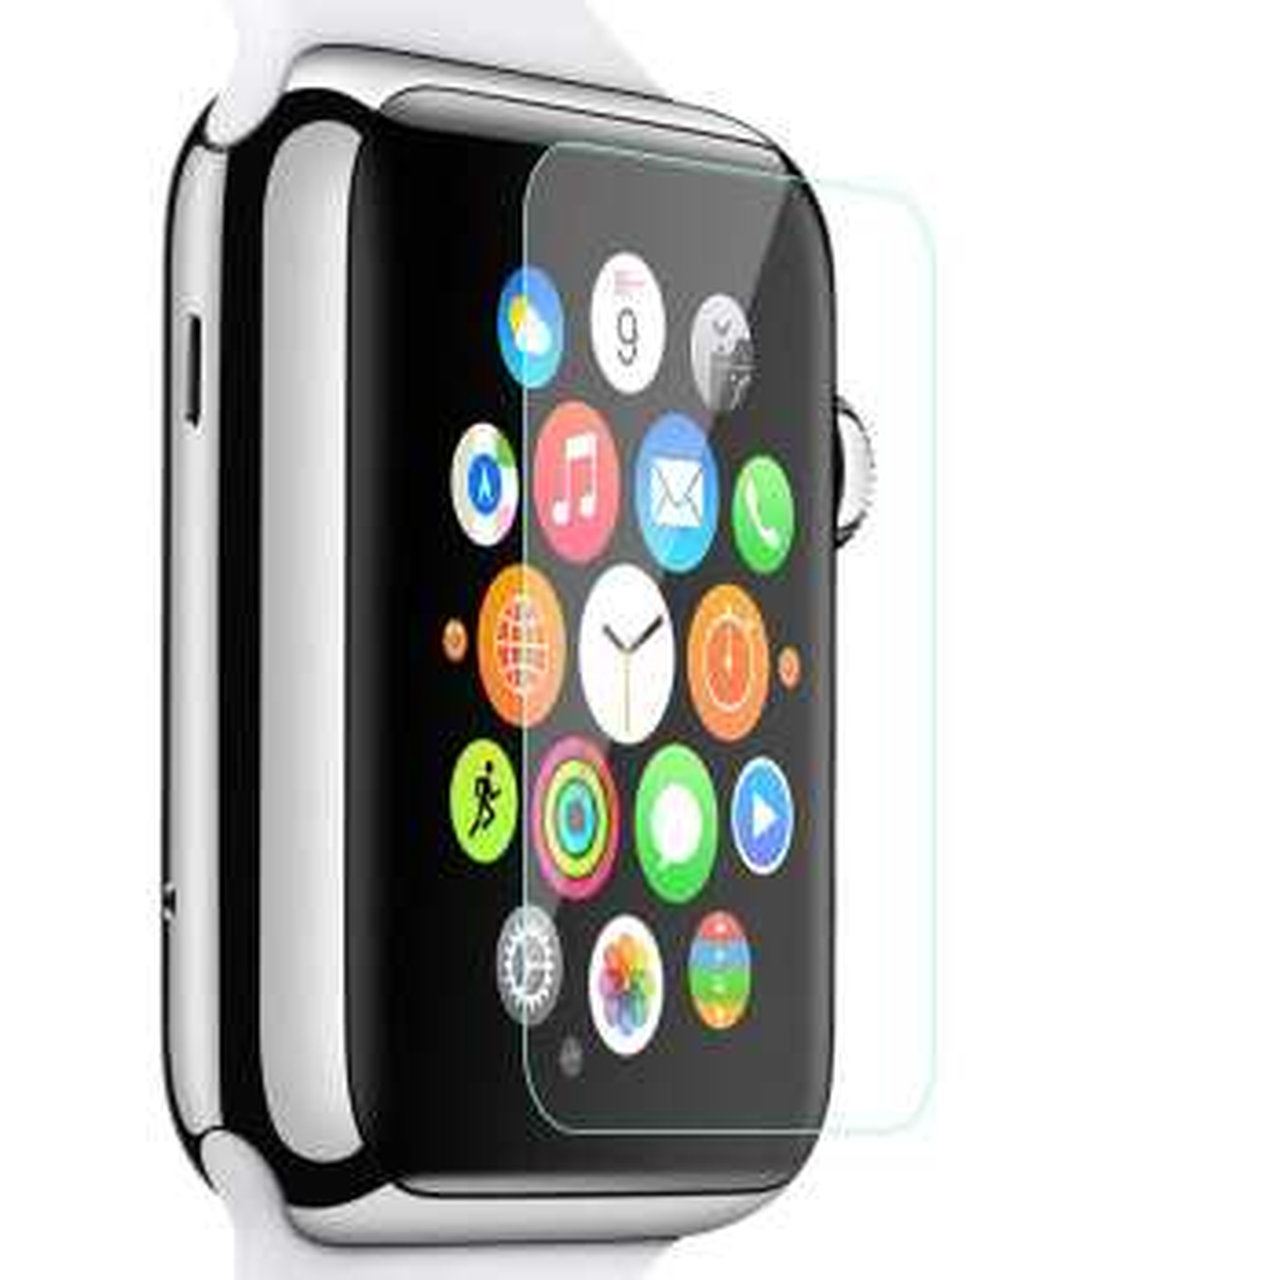 محافظ صفحه نمایش شیشه ای هوکو مدل Premium Product مناسب برای اپل واچ 38 میلی متر